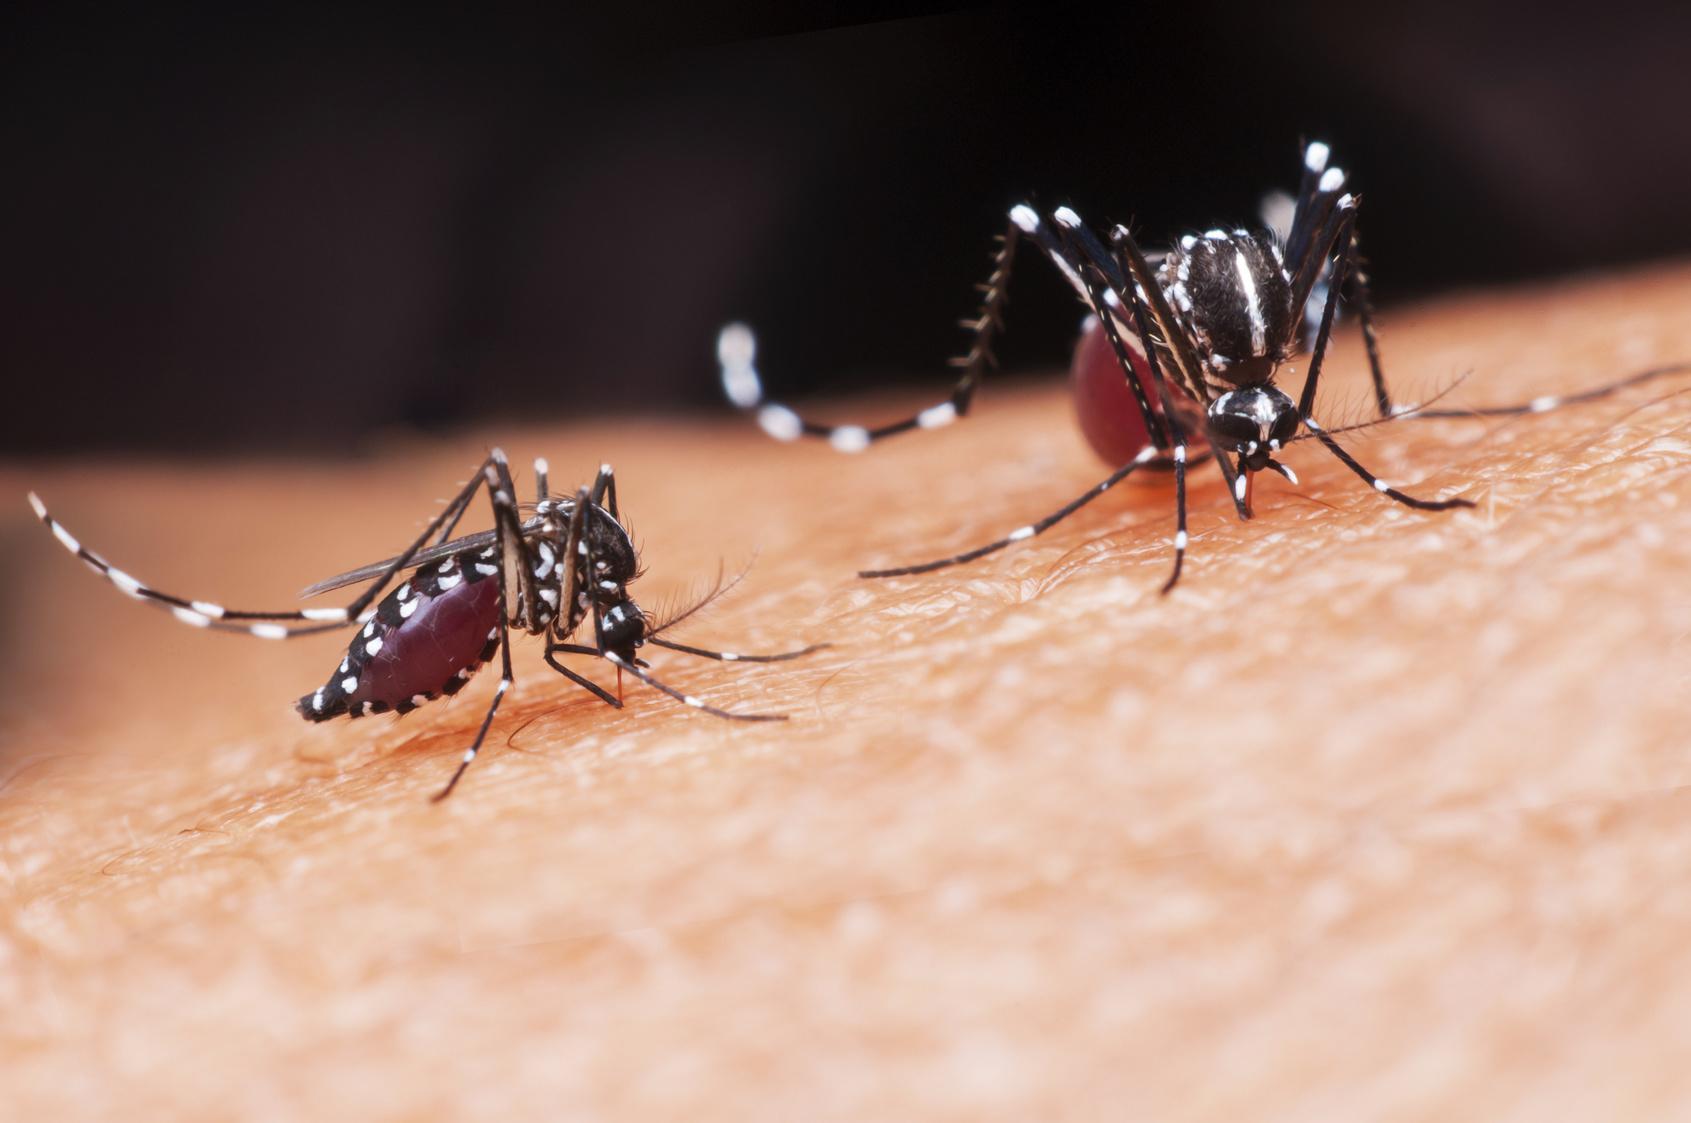 Иммунитет к лихорадке денге защитил детей от симптомов вируса Зика